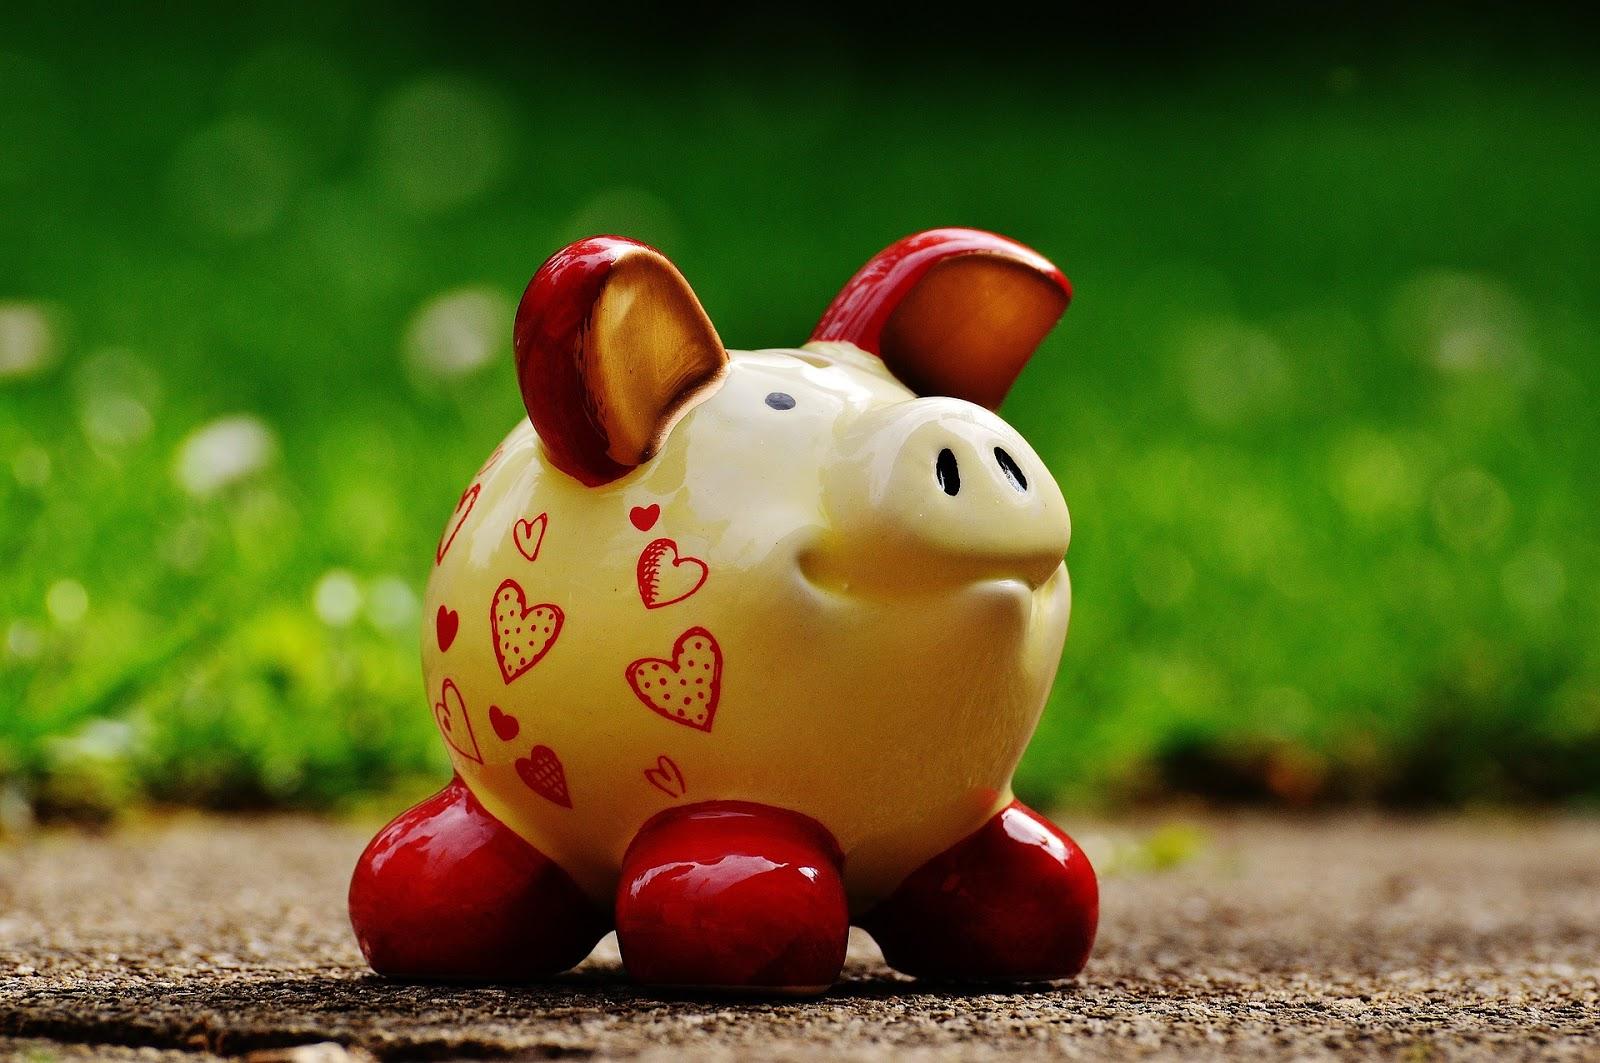 Edukacja finansowa dzieci, 5 umiejętności które musi zdobyć dziecko żeby stać się przedsiębiorczym dorosłym